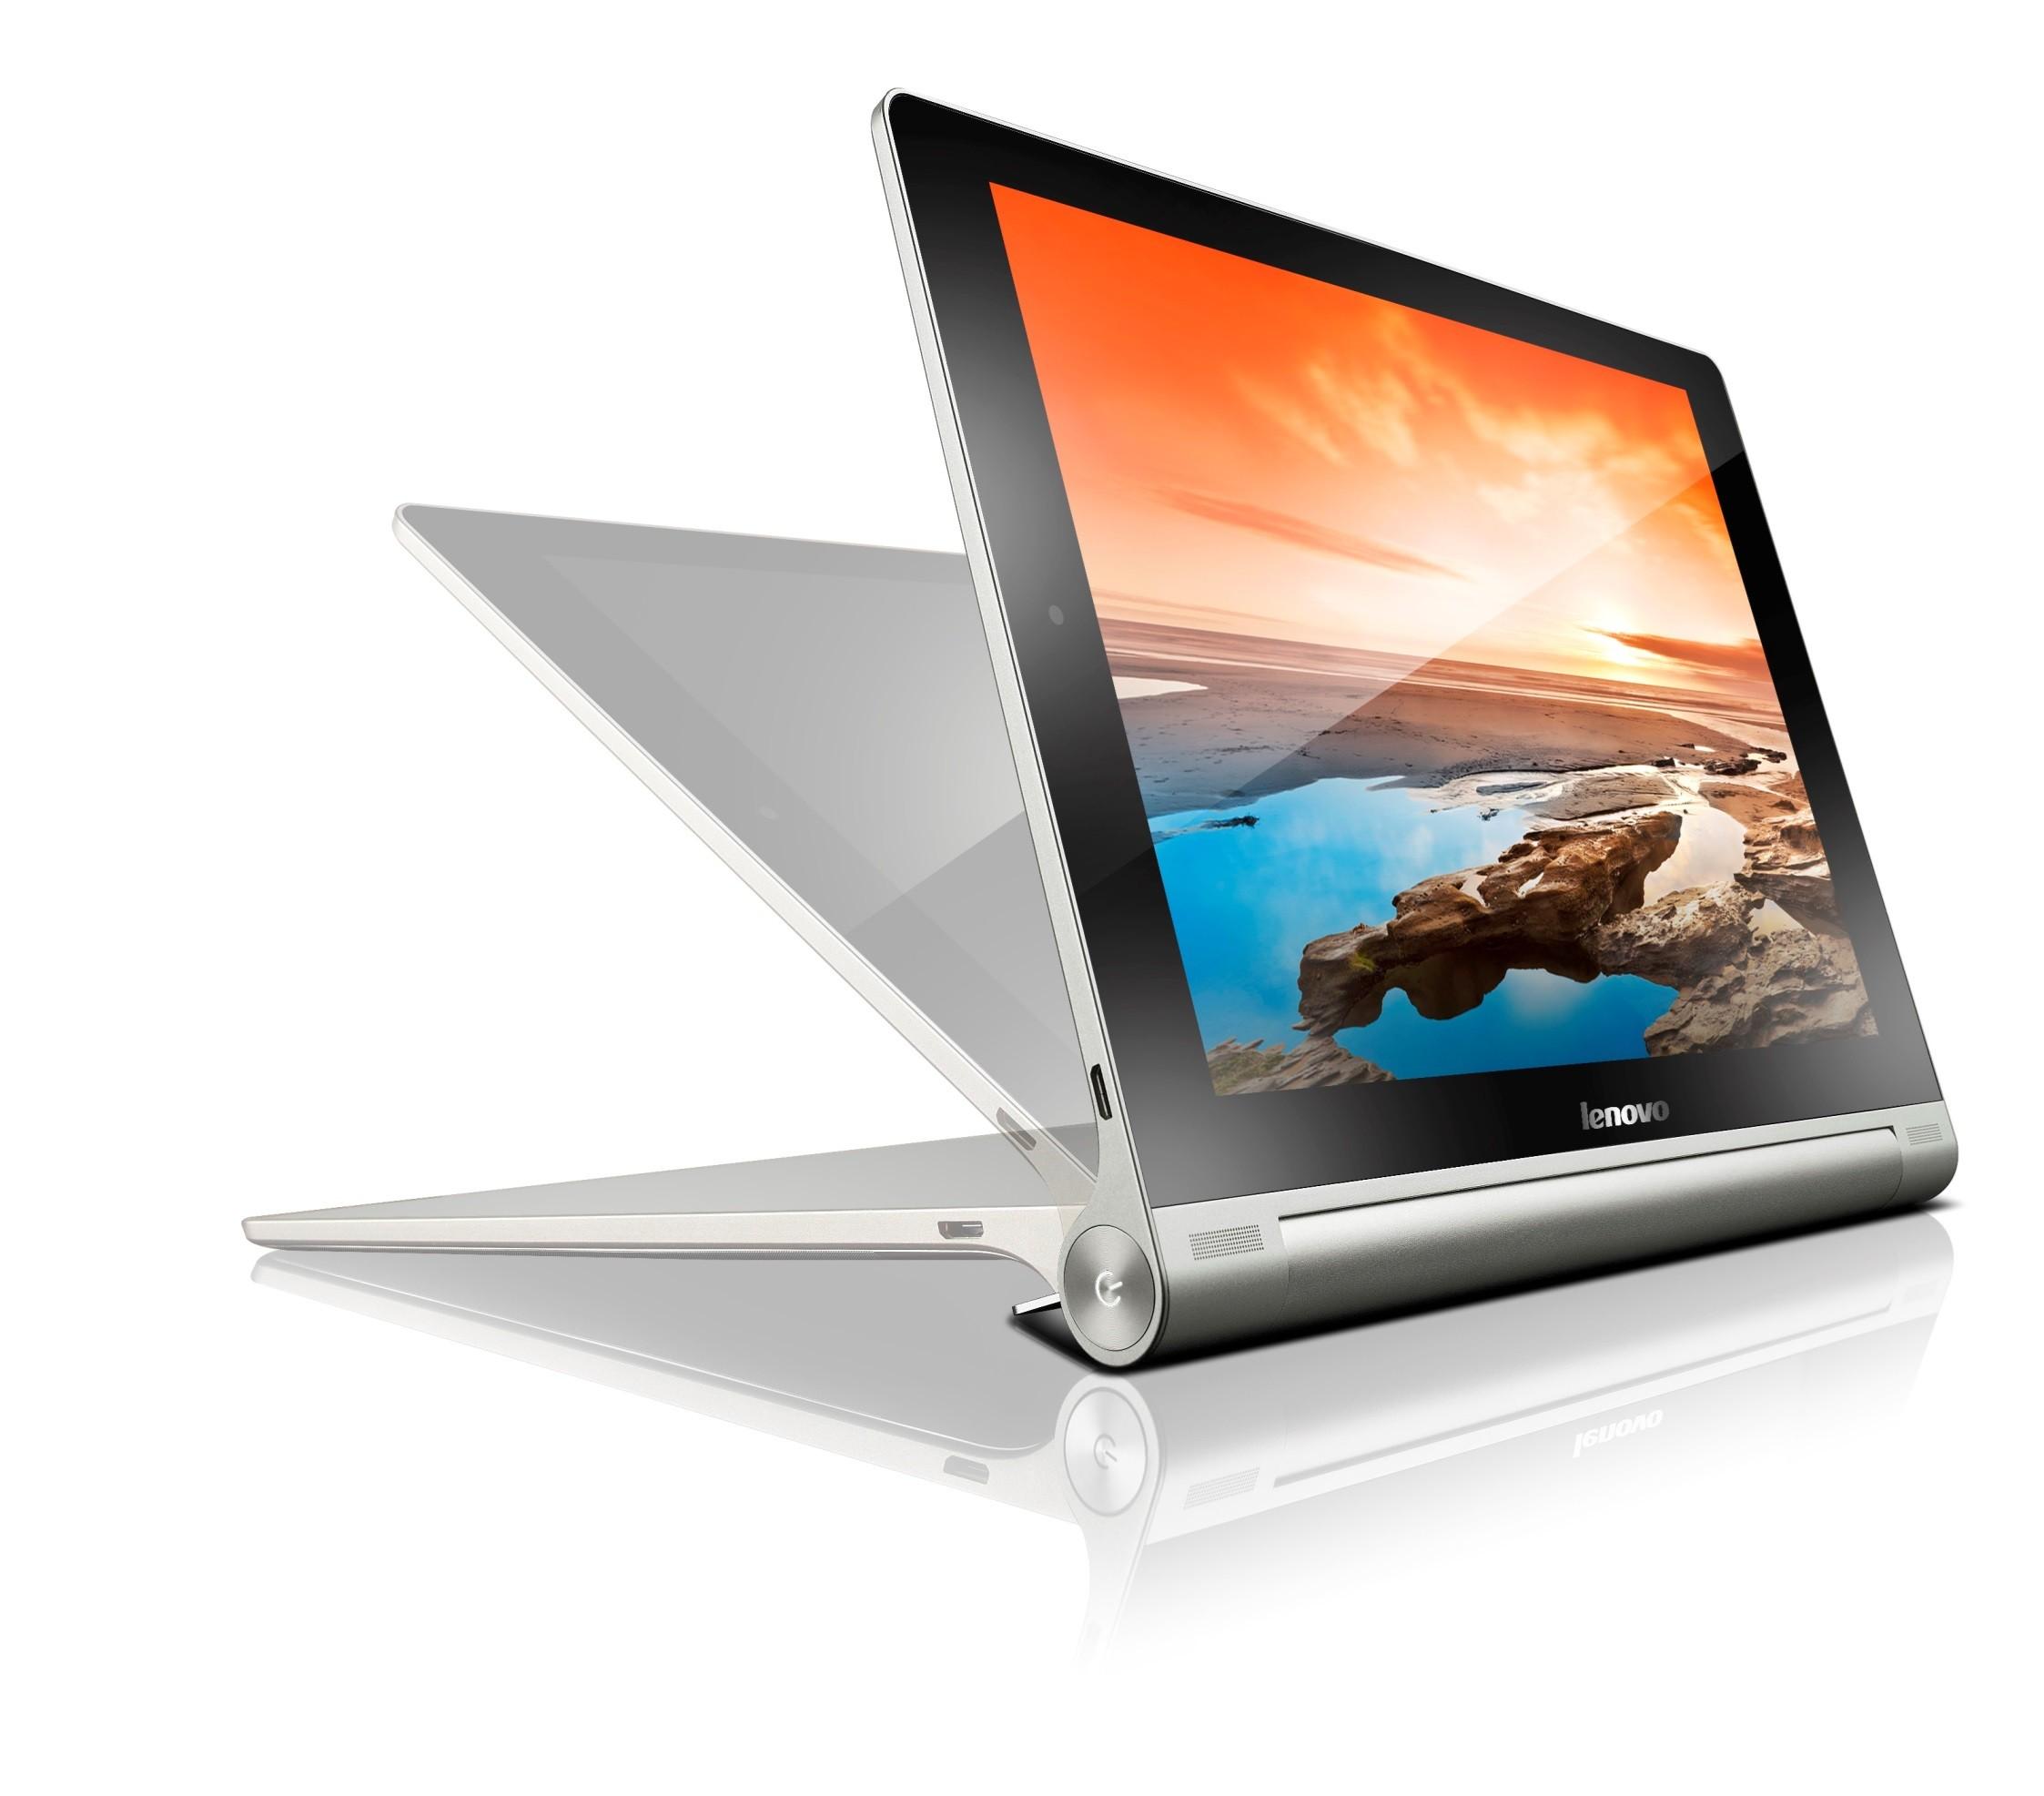 Yoga Tablet 10 HD+ - Lenovo YOGA 10 HD+ lên kệ, giá 9,5 triệu đồng